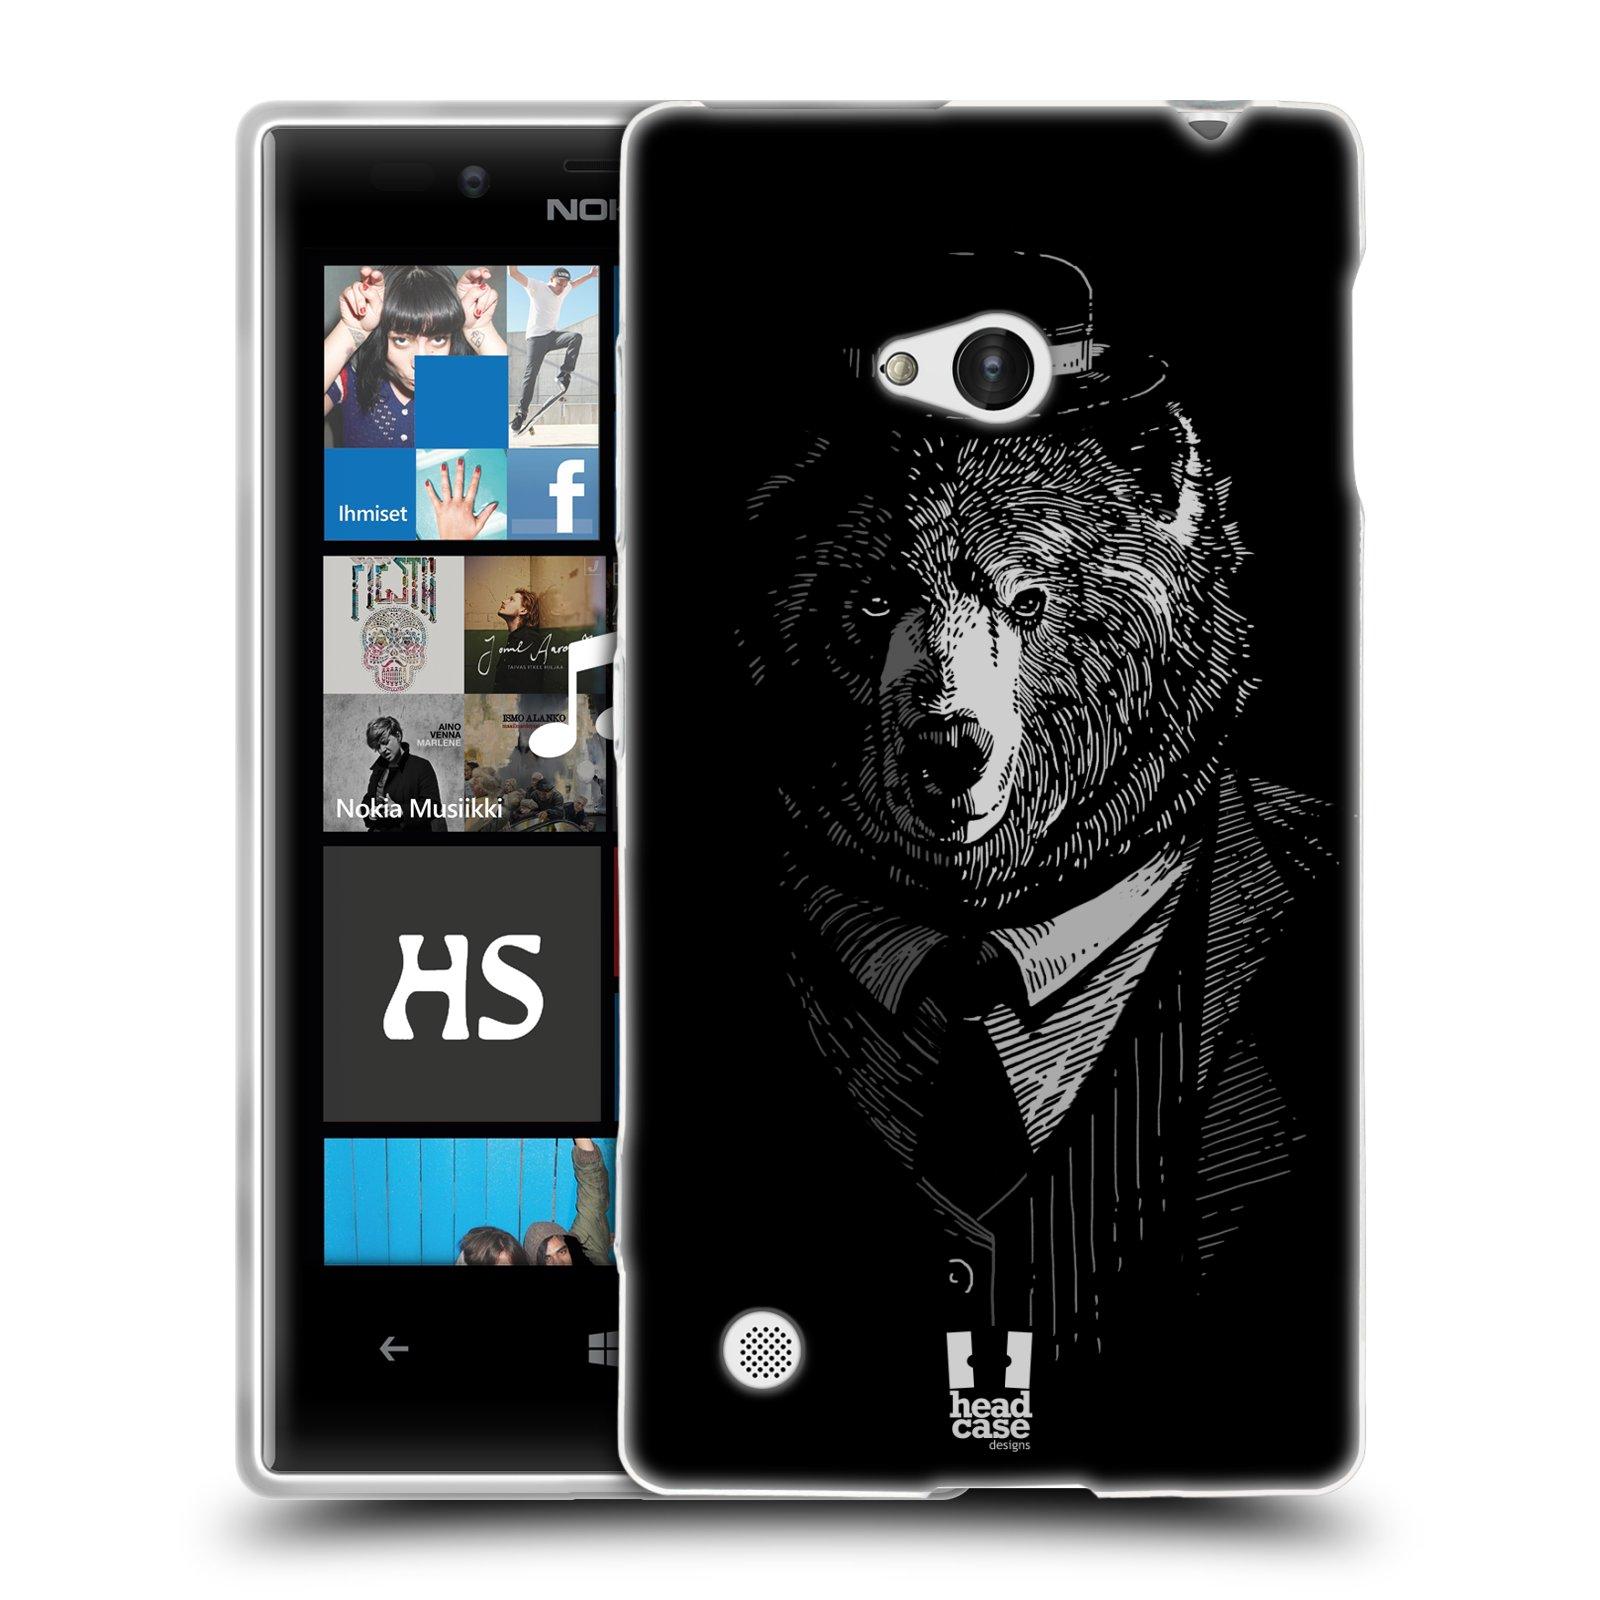 HEAD CASE silikonový obal na mobil NOKIA Lumia 720 vzor Zvíře v obleku medvěd